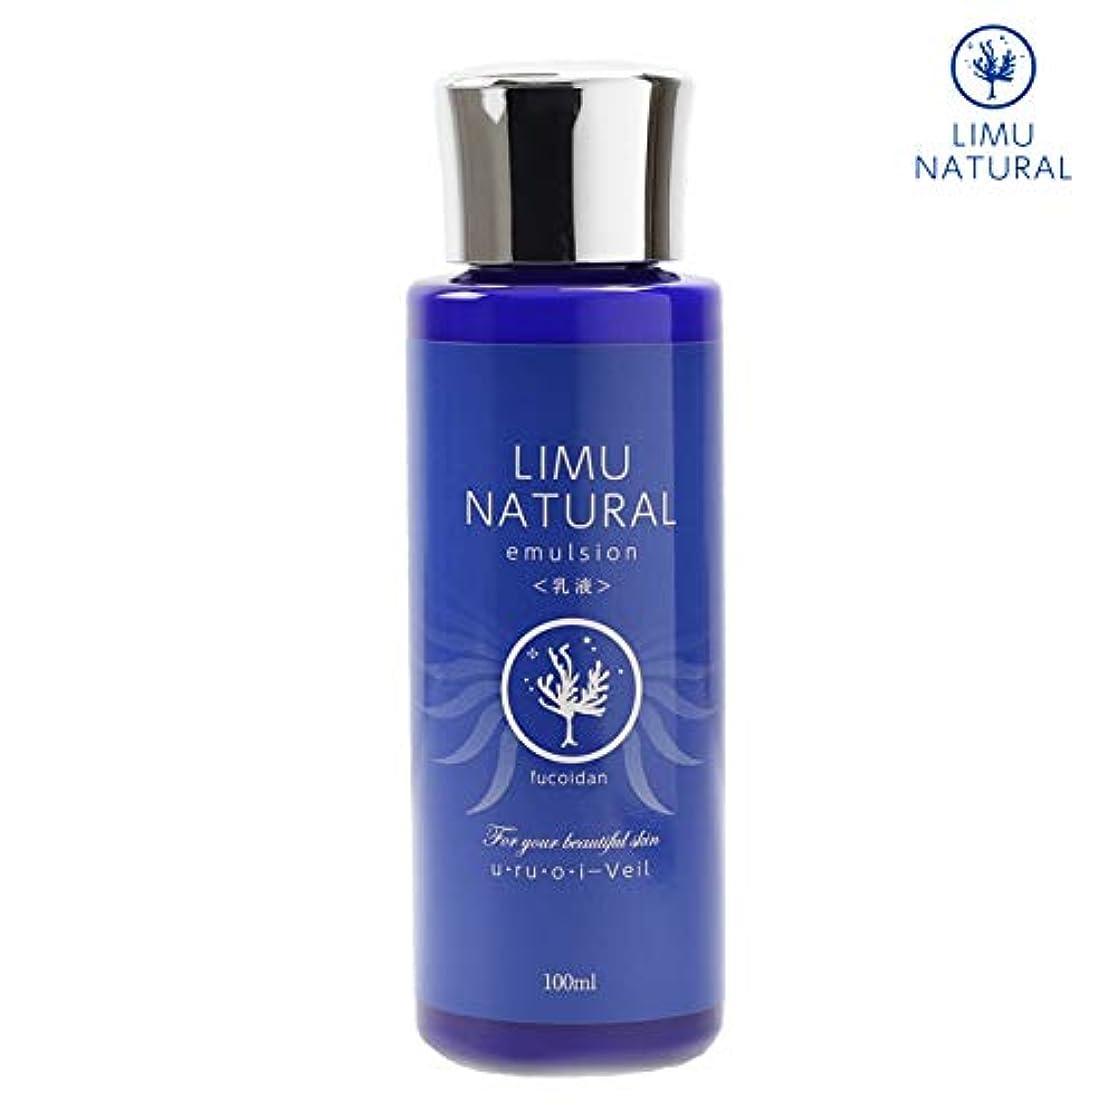 騒々しい甘味訴えるリムナチュラル 乳液 LIMU NATURAL EMULSION (100ml) 海の恵「フコイダン」と大地の恵「グリセリルグルコシド」を贅沢に配合